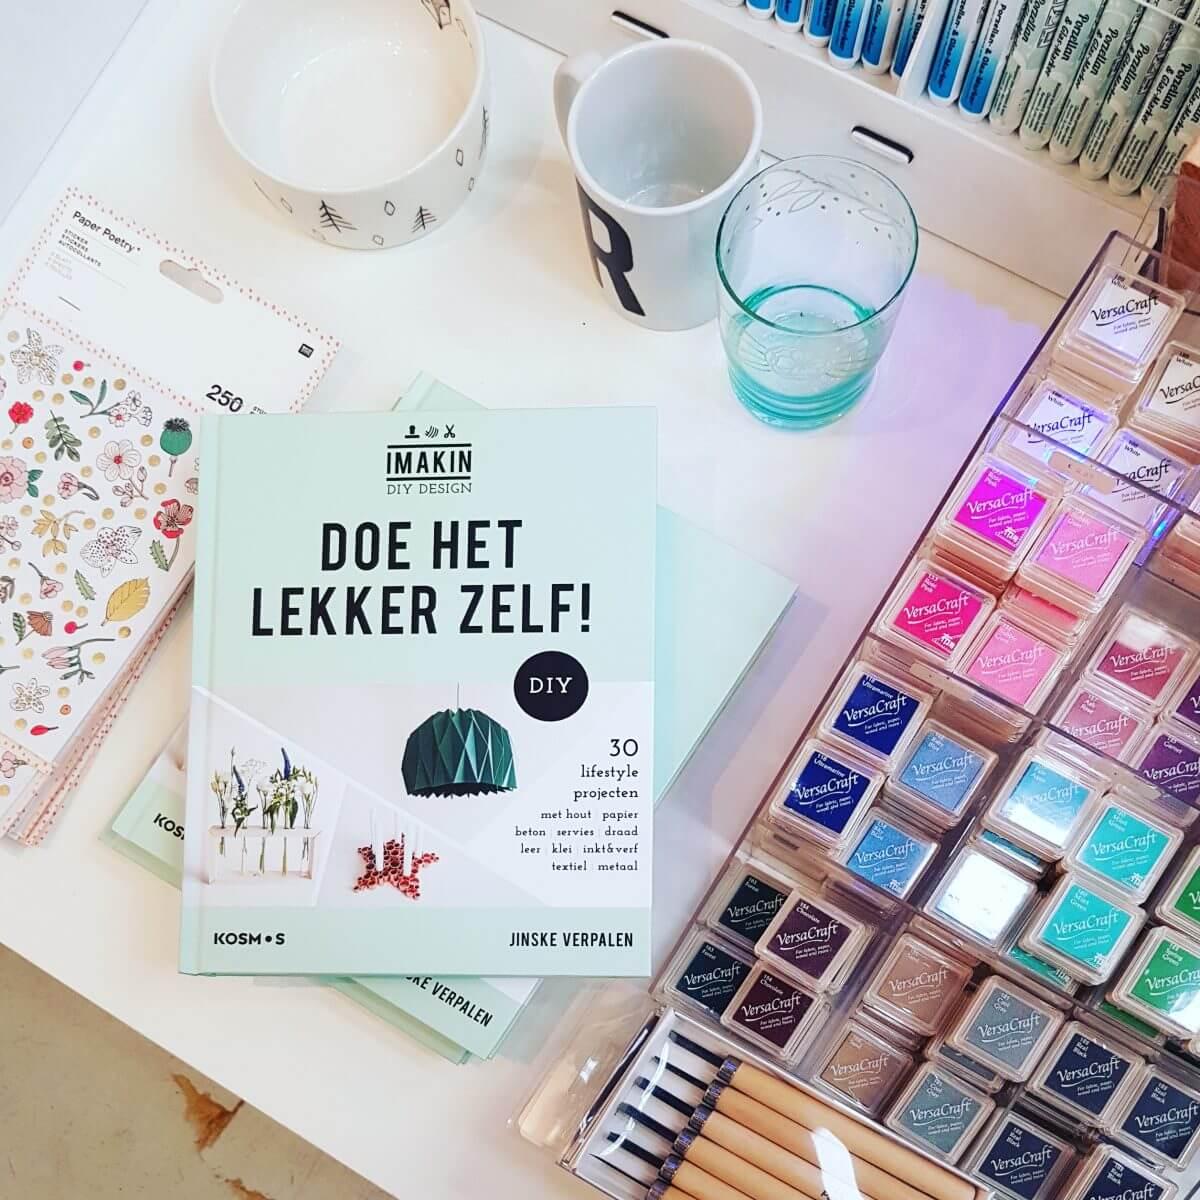 Webshop event Flavourites Live 2018: DIY boek van Imakin